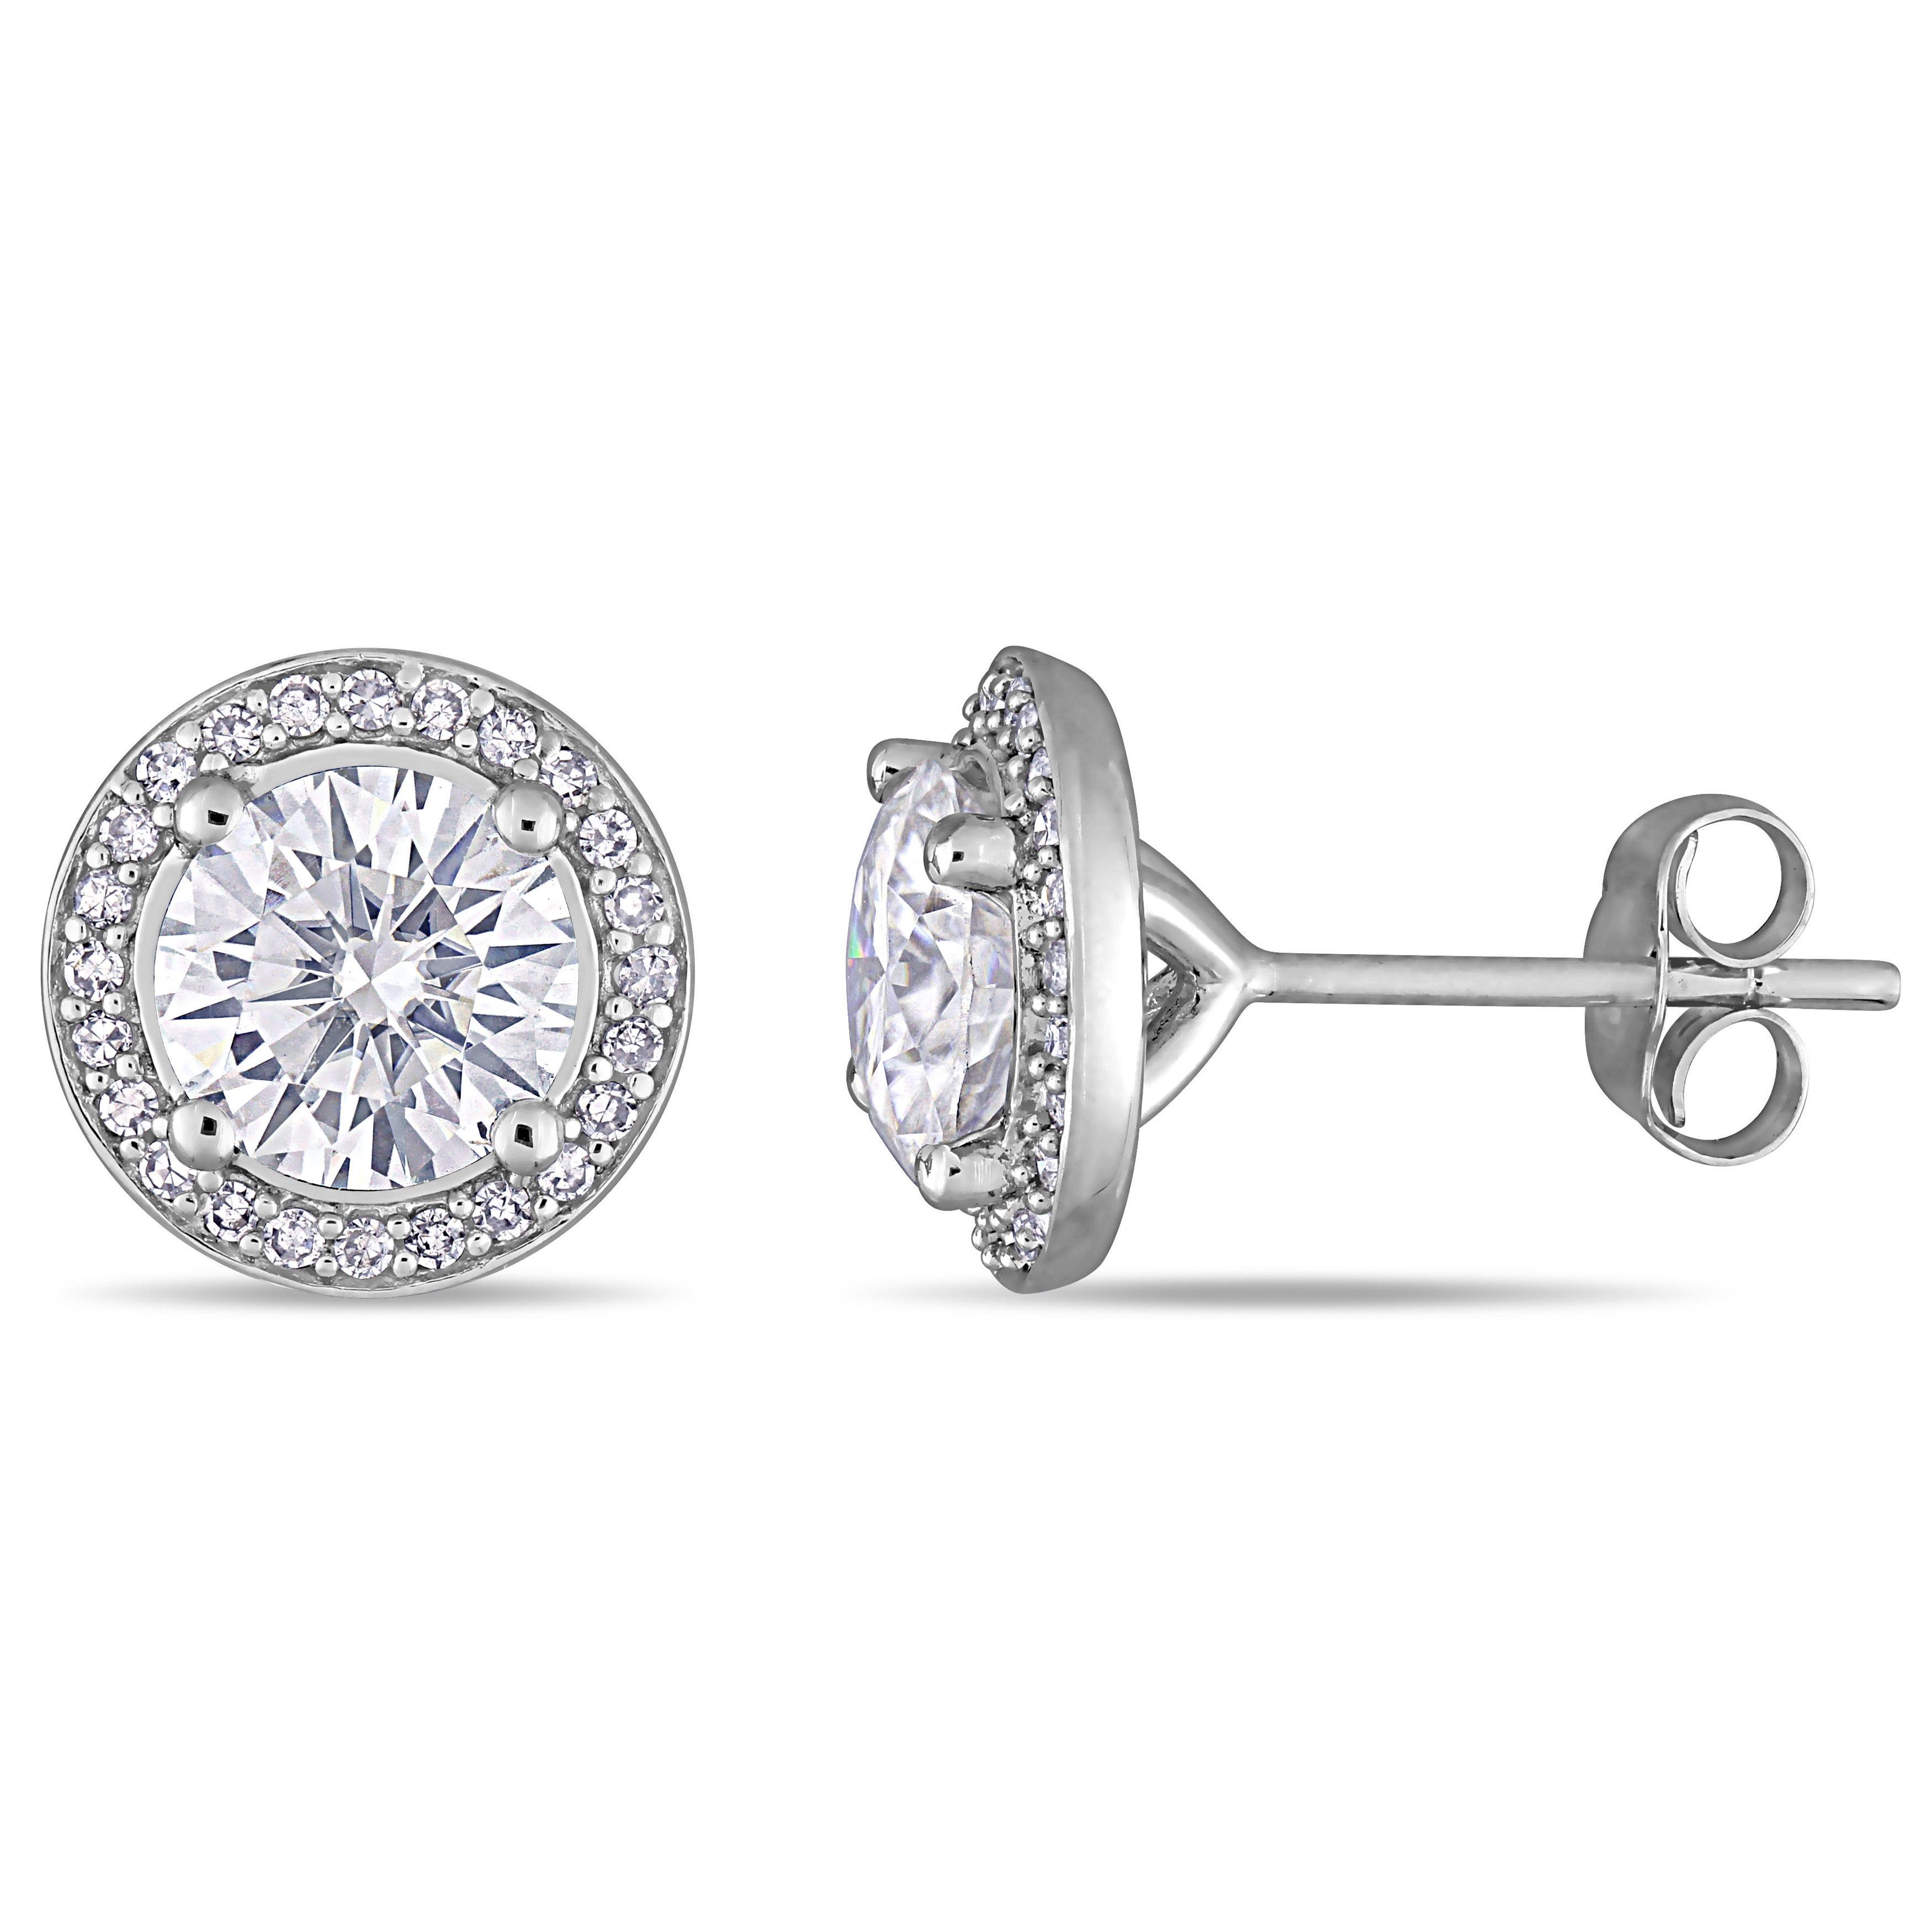 Moissanite & Diamond Halo Stud Earrings in 14k White Gold